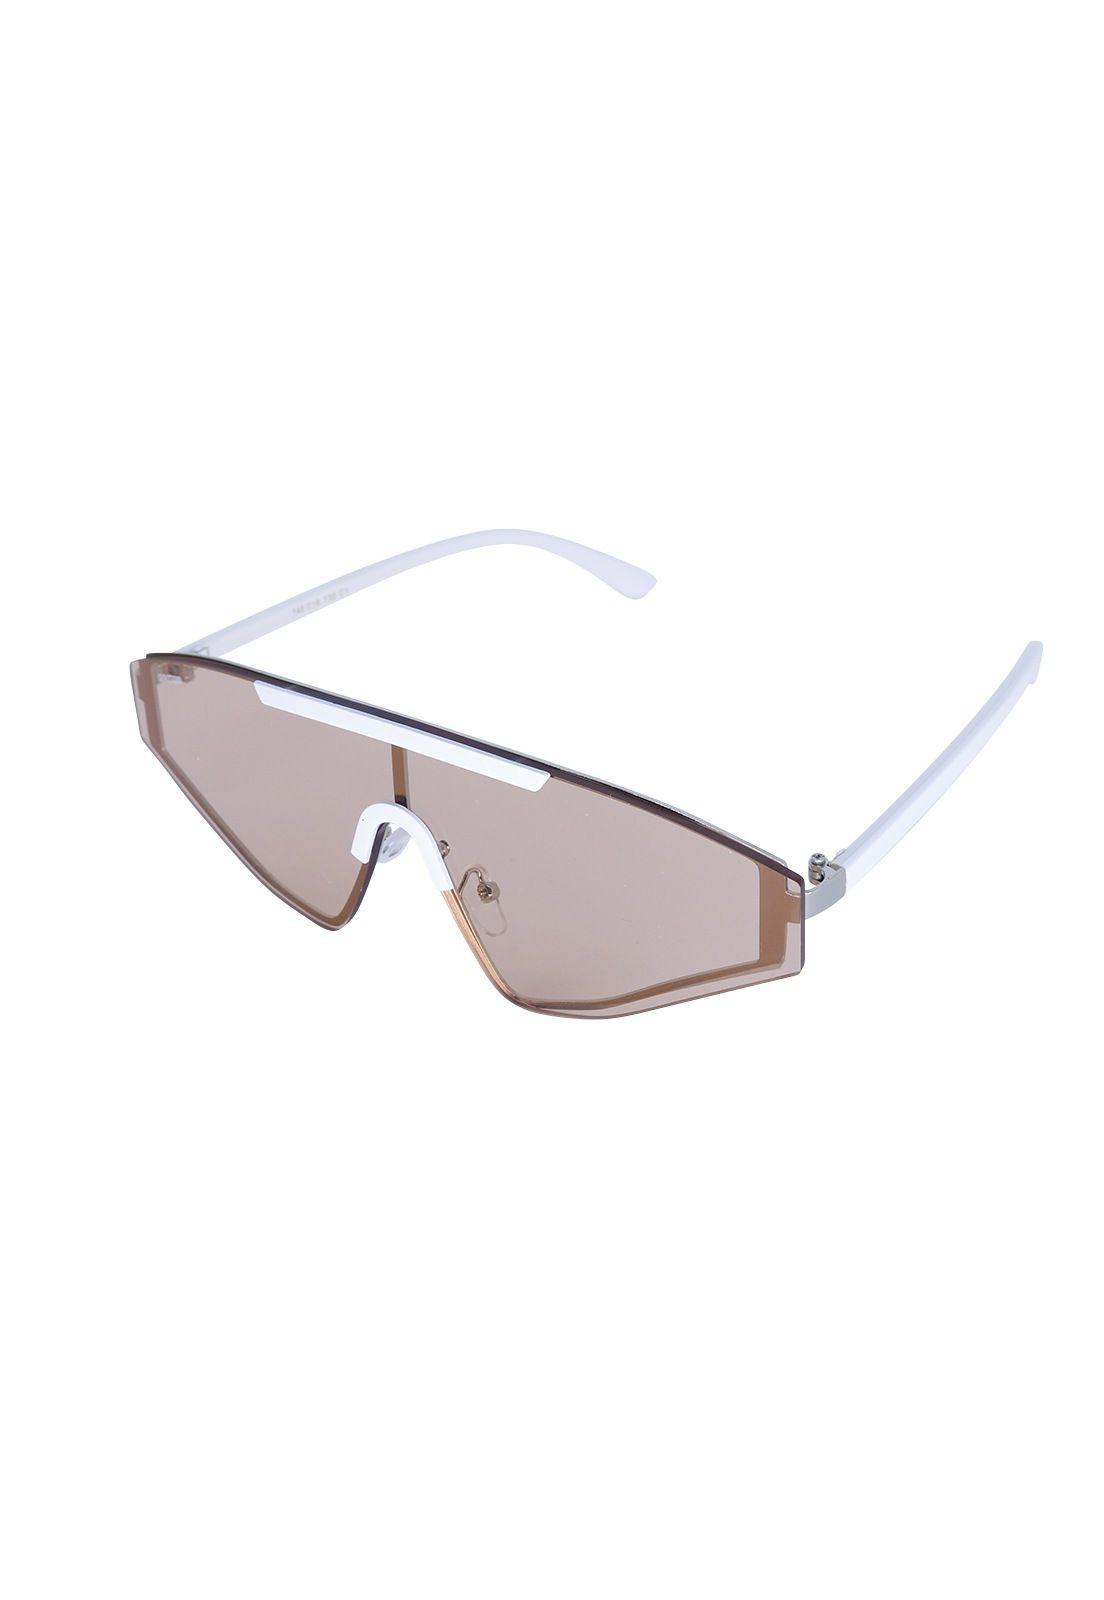 Óculos de Sol Grungetteria Glacial Laranja